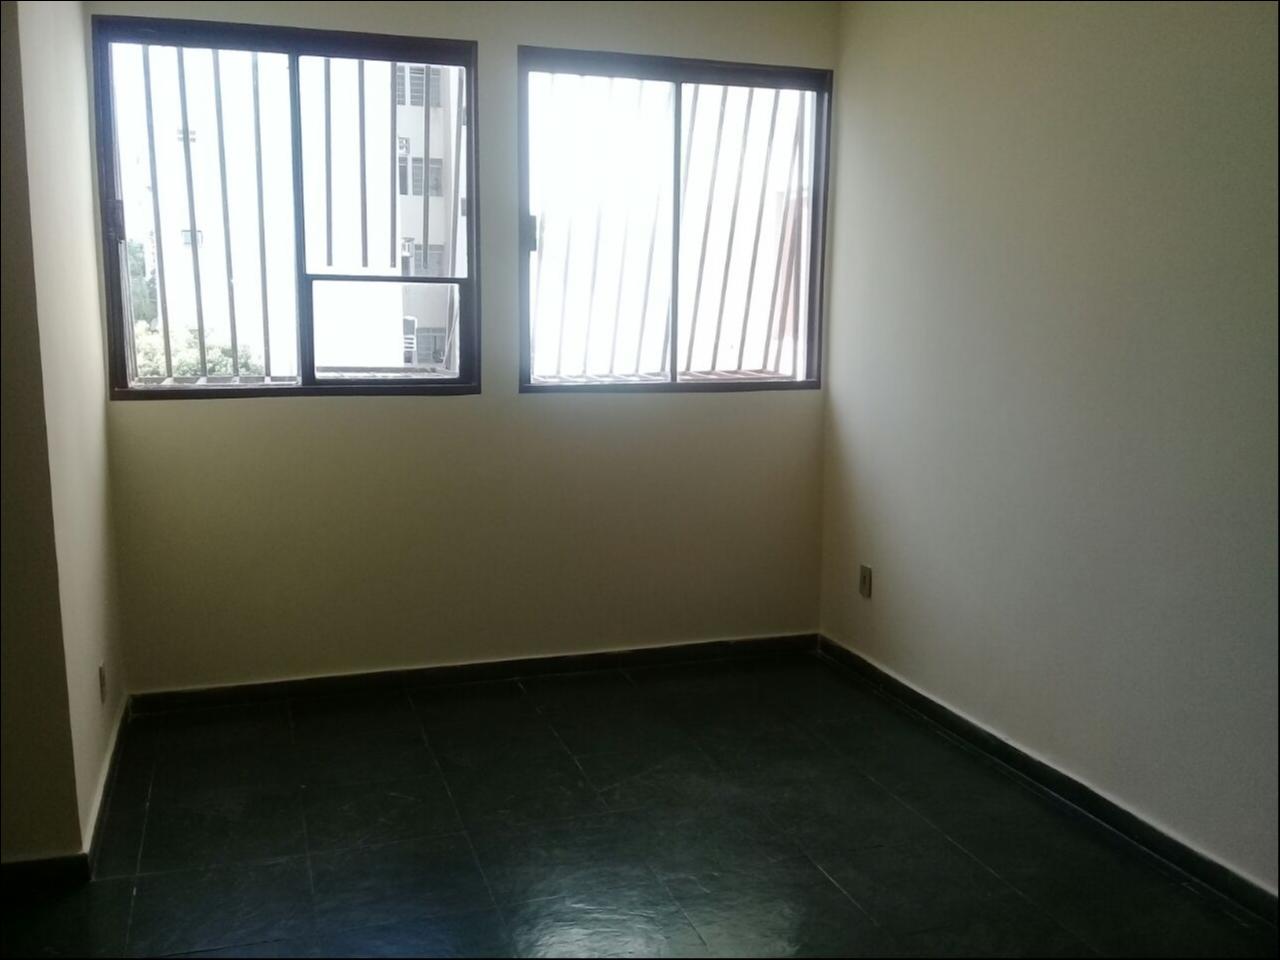 Apartamento para aluguel,  com 2 quartos no TERRA NOVA  em Cuiabá MT 101 10862